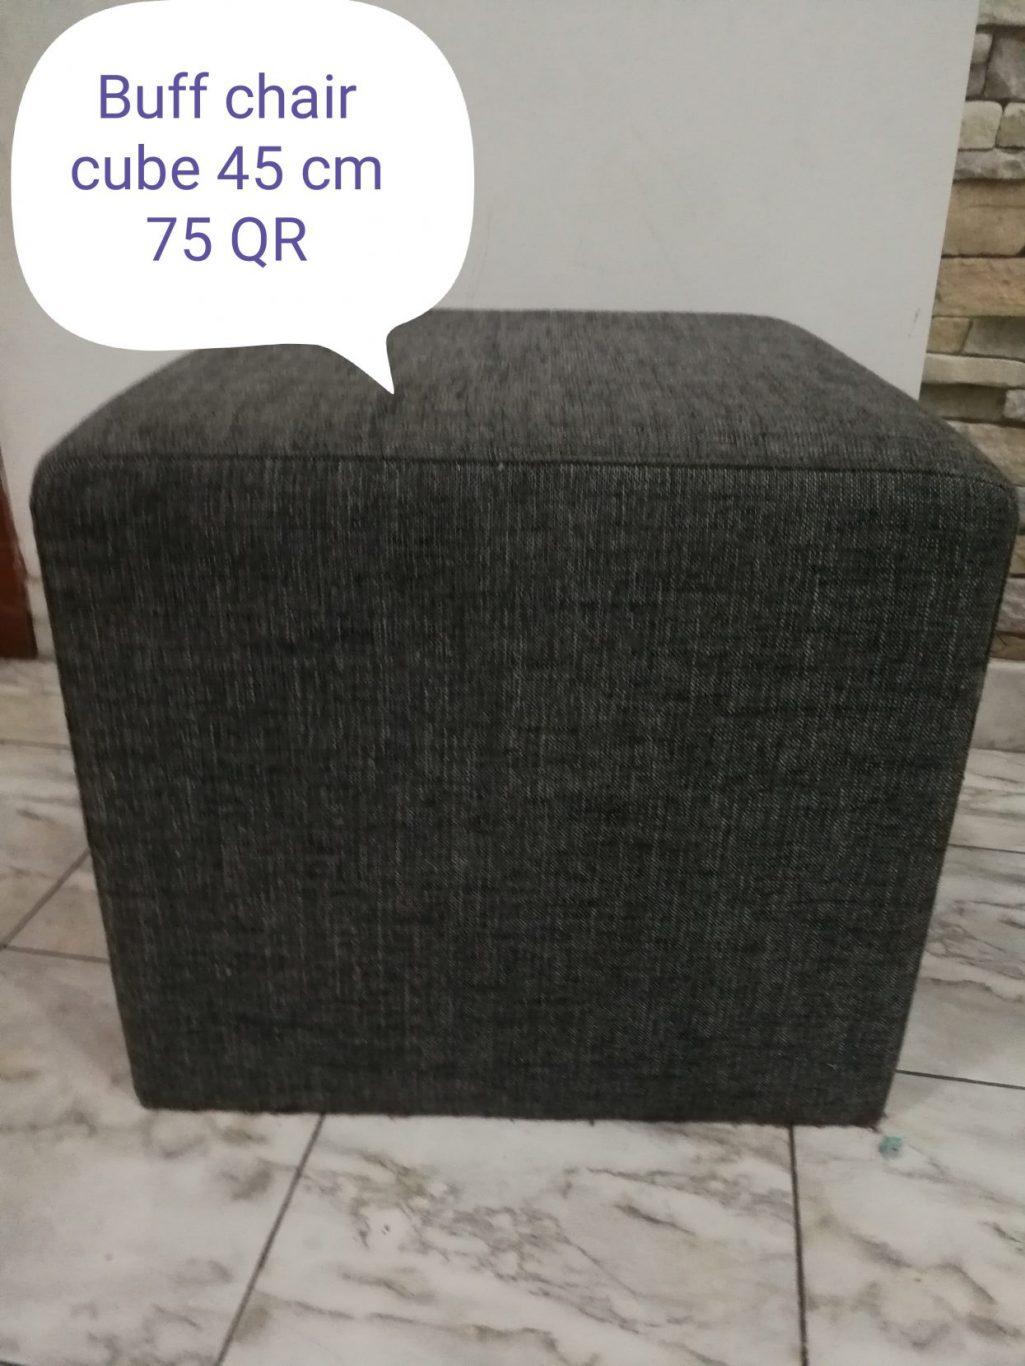 Buff chair